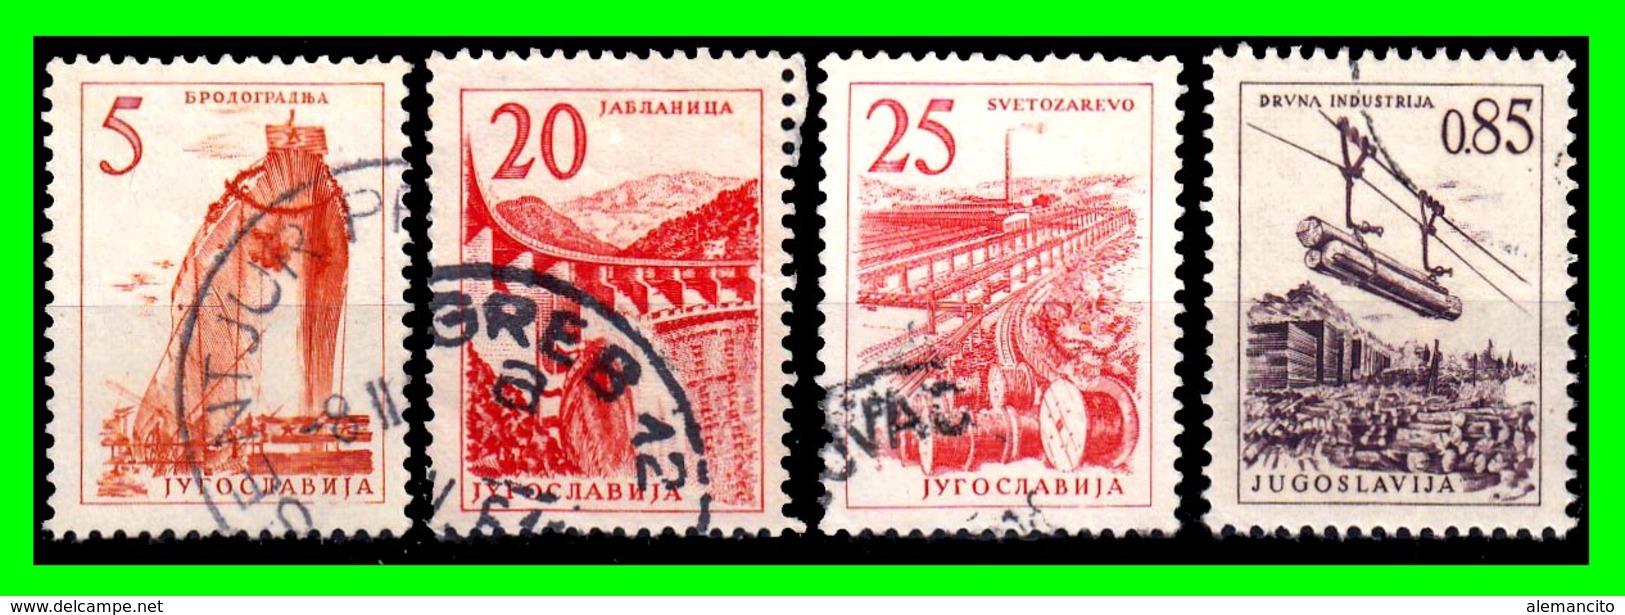 YUGOSLAVIA SELLO AÑO 1958 SERIE CORRIENTETECNOLOGIA Y ARQUITECTURA - Usados